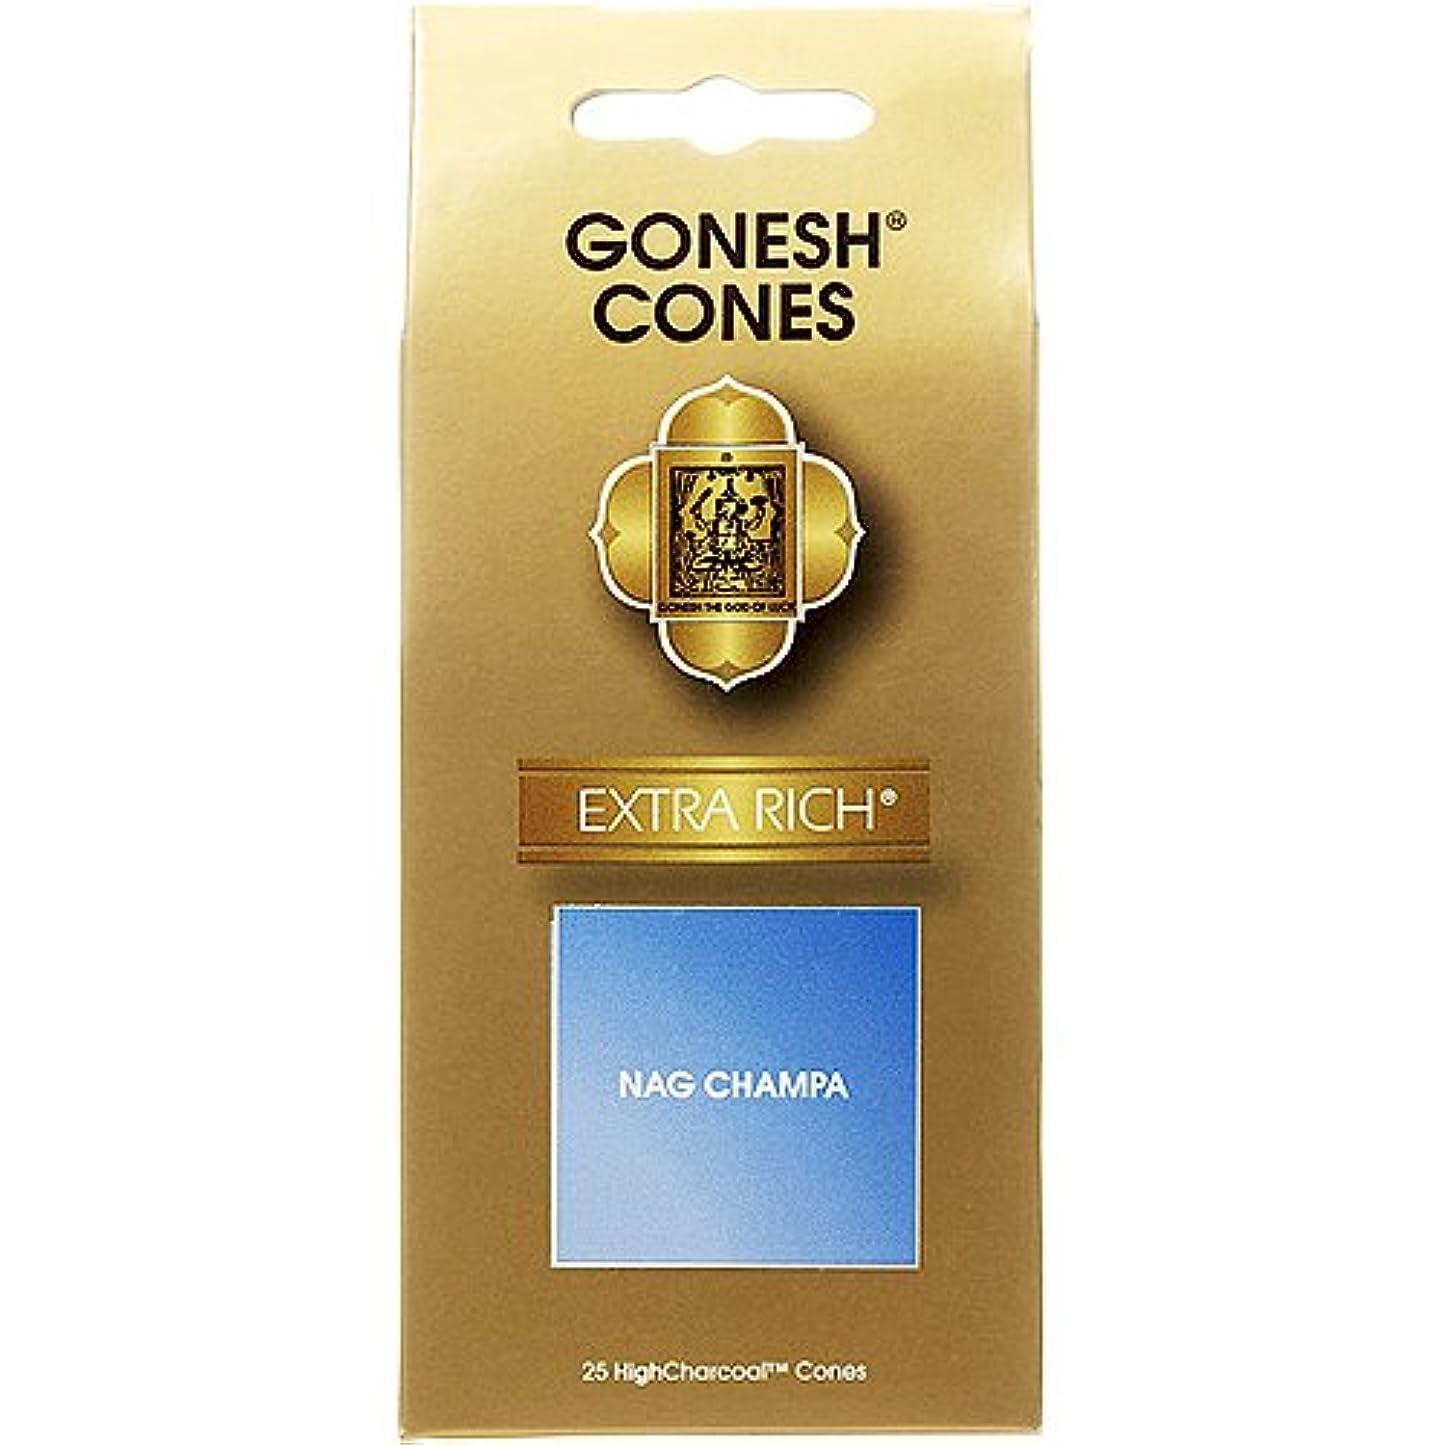 値下げ増強もろいガーネッシュ(GONESH) エクストラリッチ インセンス コーン ナグチャンパ 25ヶ入